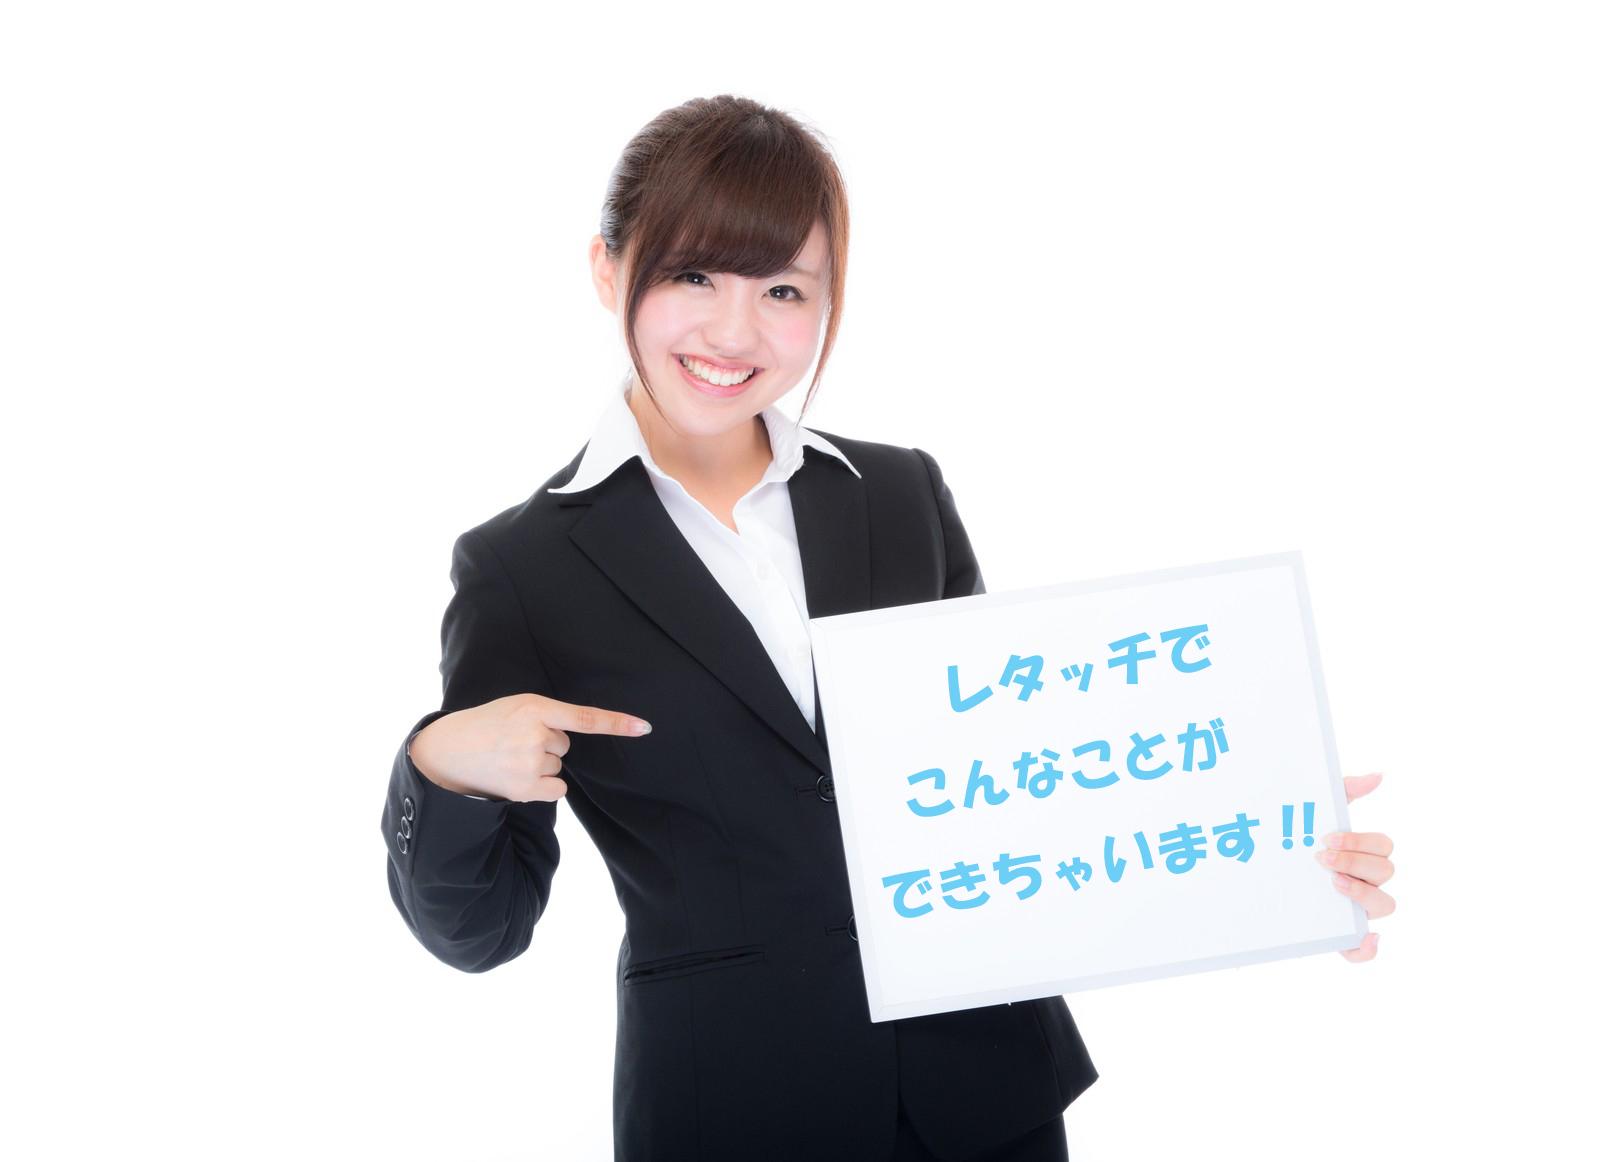 YUKA150701228596_TP_Vレタッチ